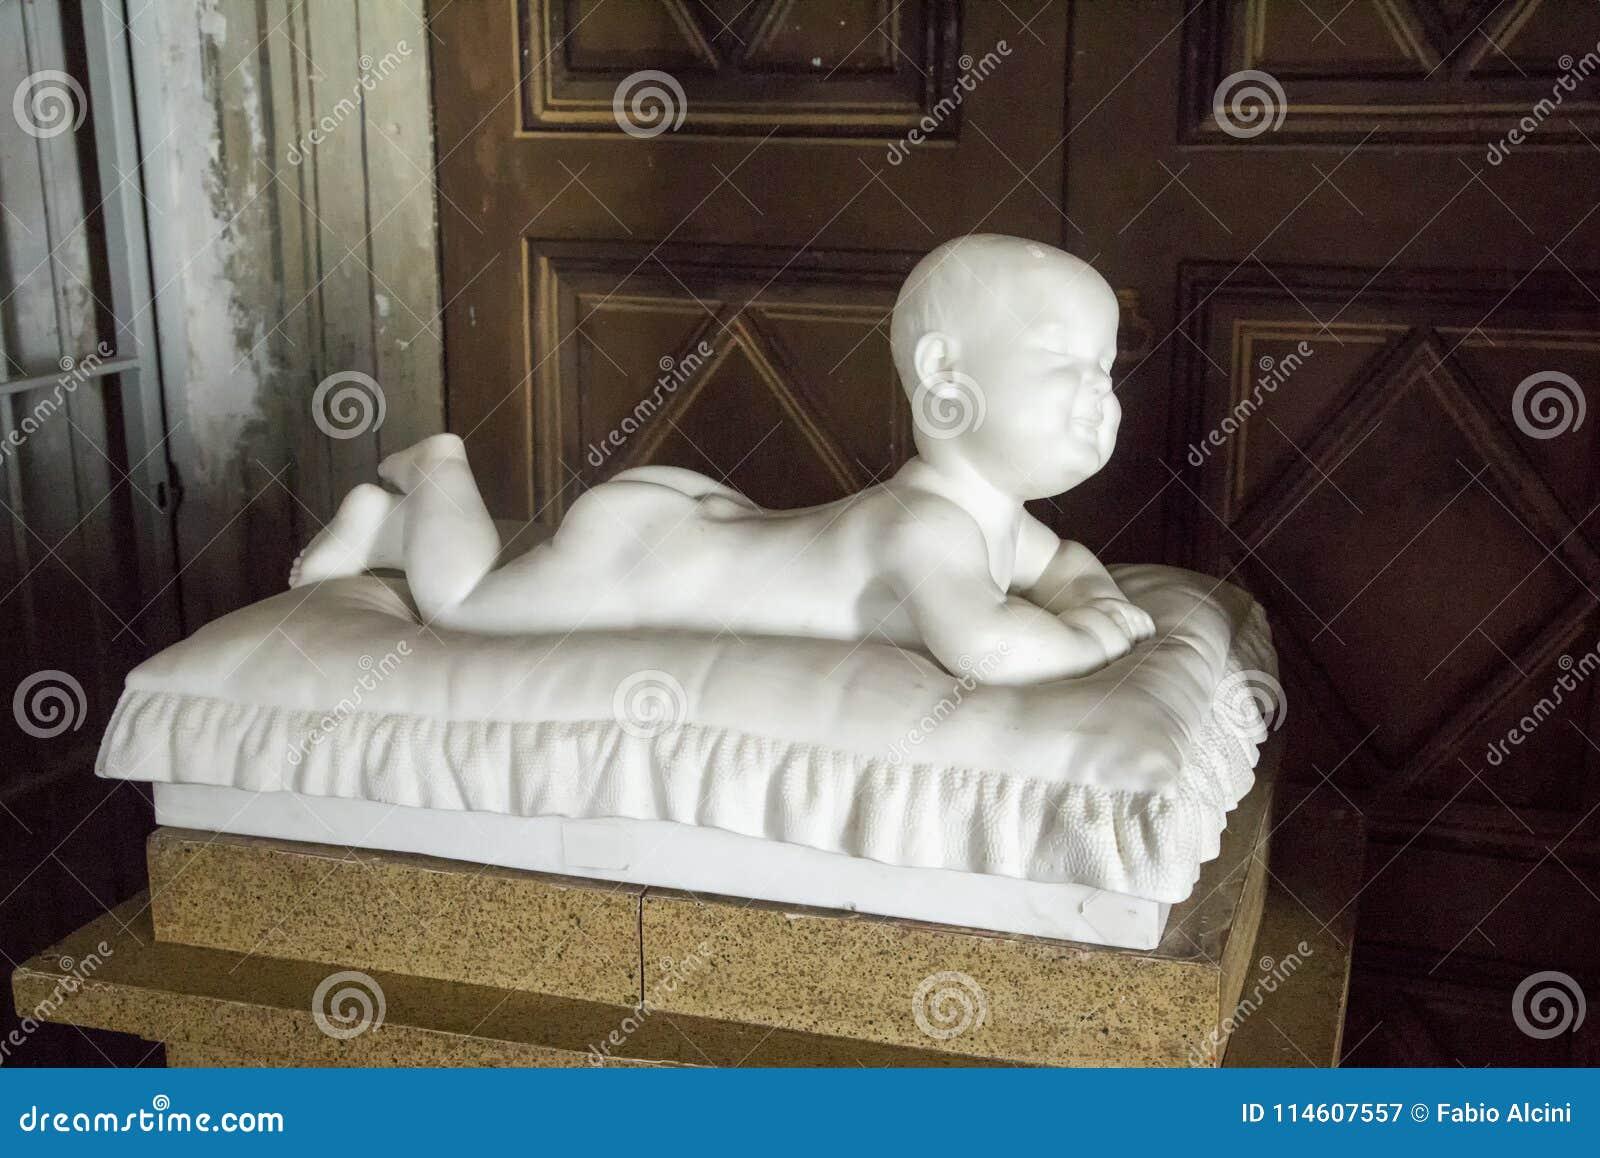 Standbeeld van een baby